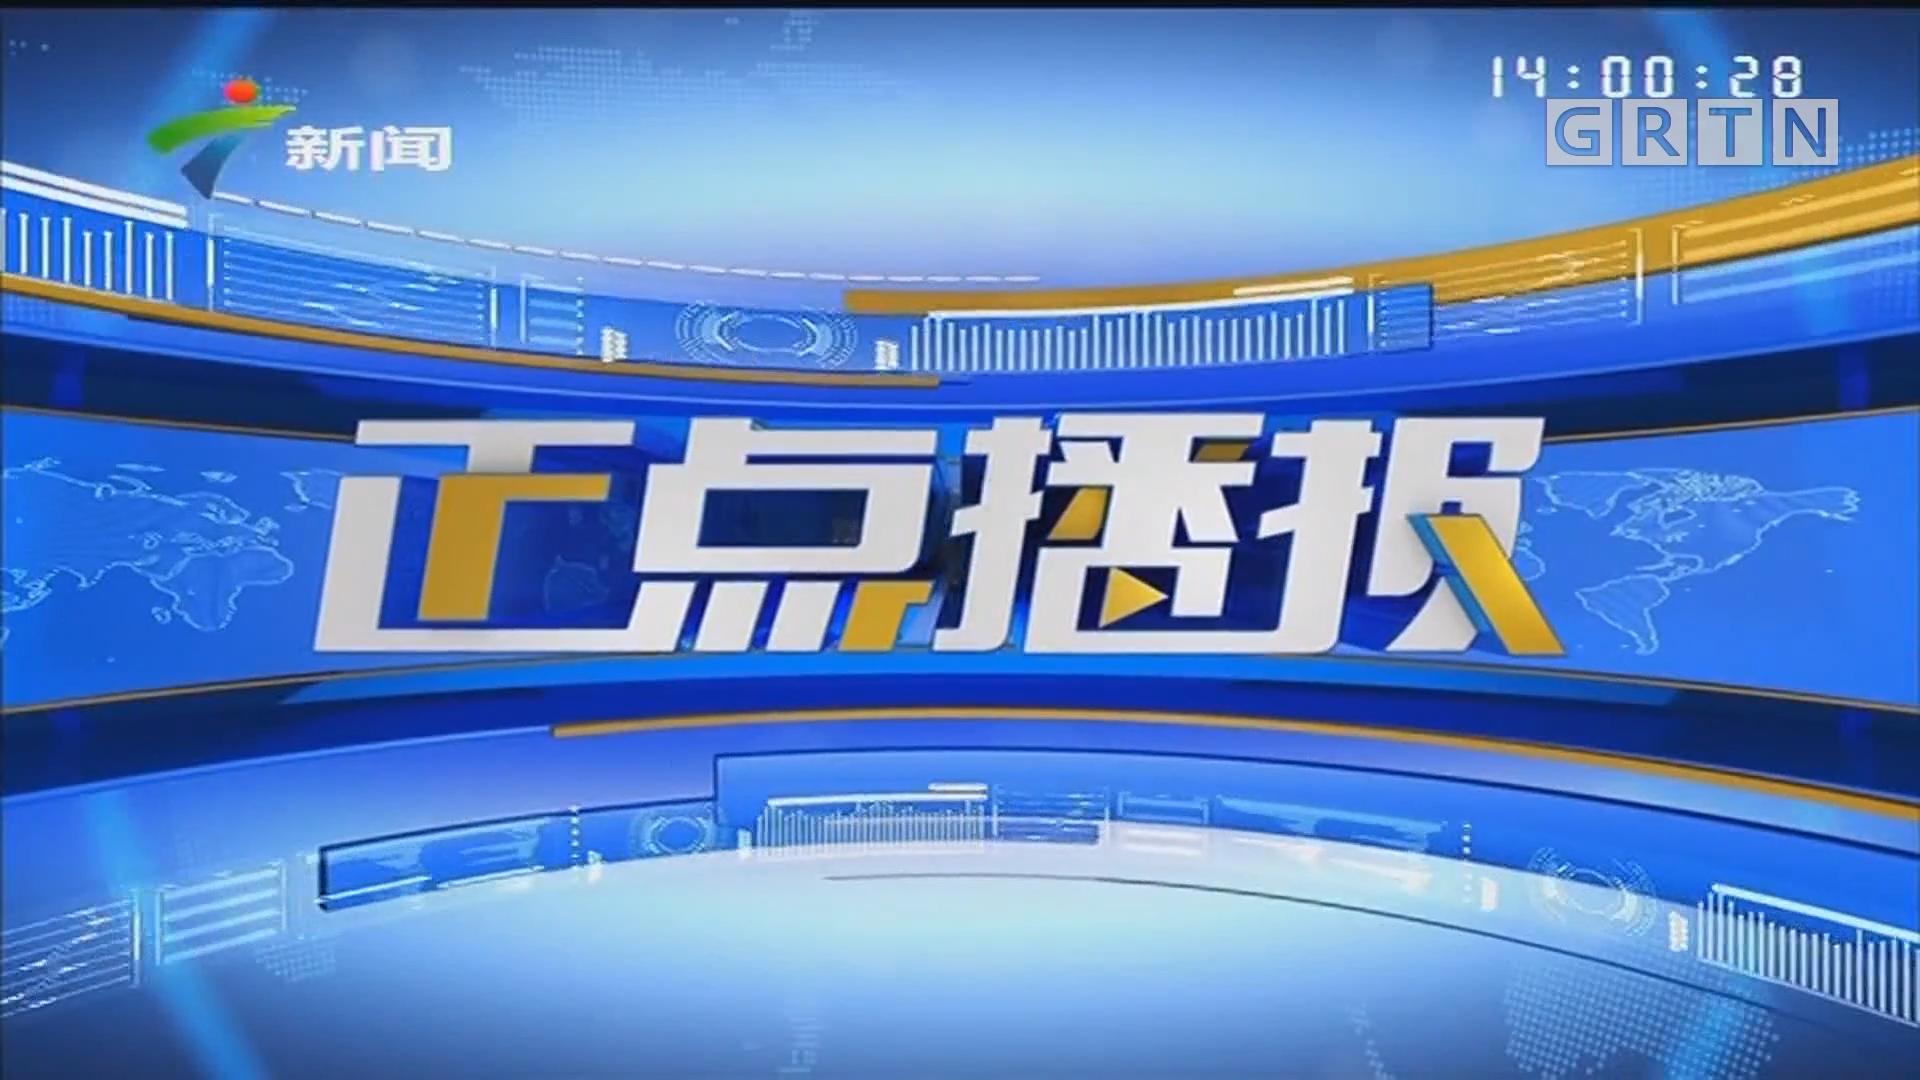 [HD][2019-08-03]正点播报:鹊桥歌、霓裳舞 学古人行礼